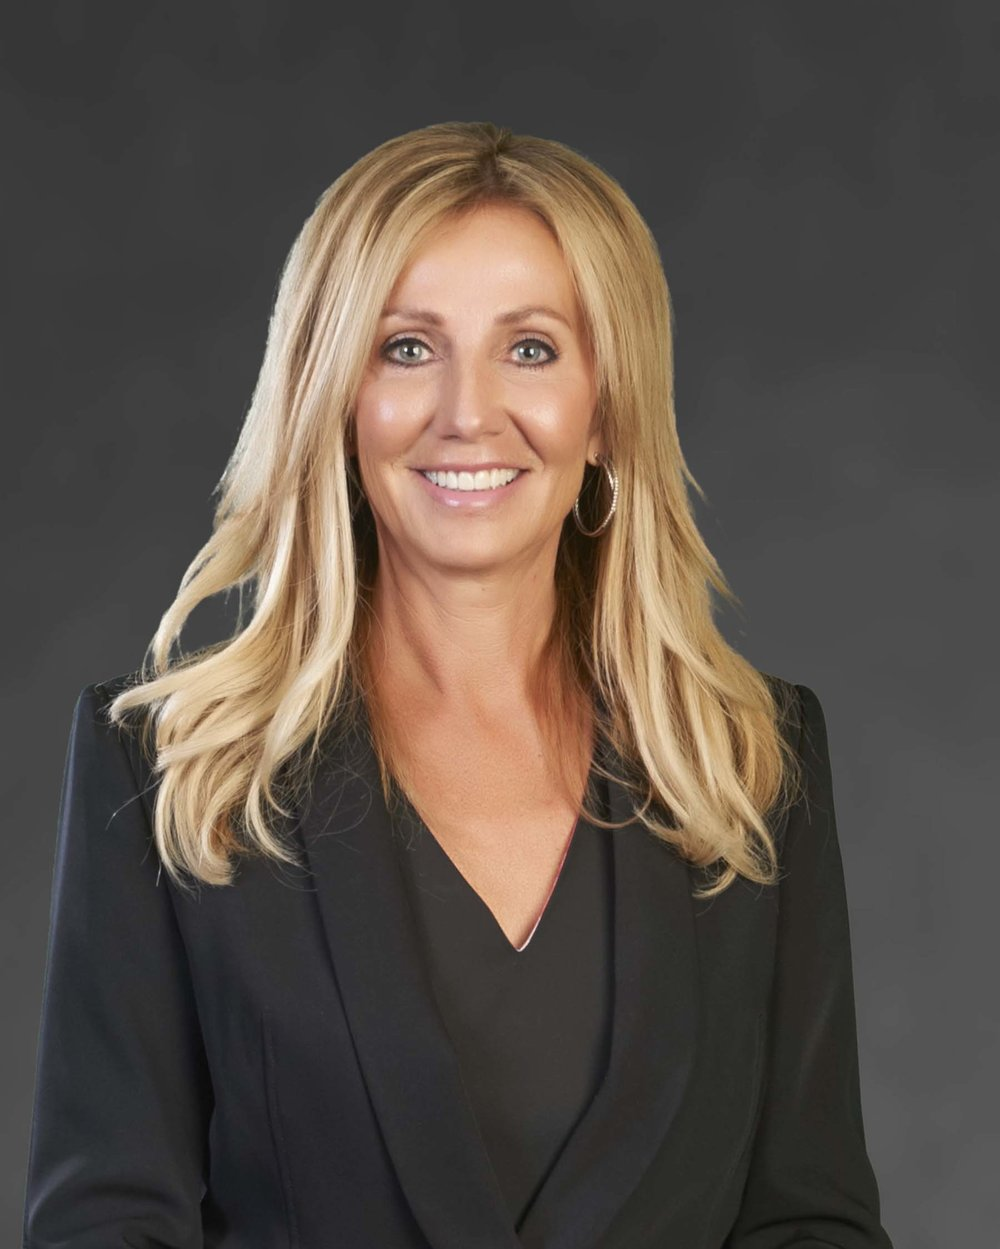 Gwen Becker, Founder & Chair, WINK